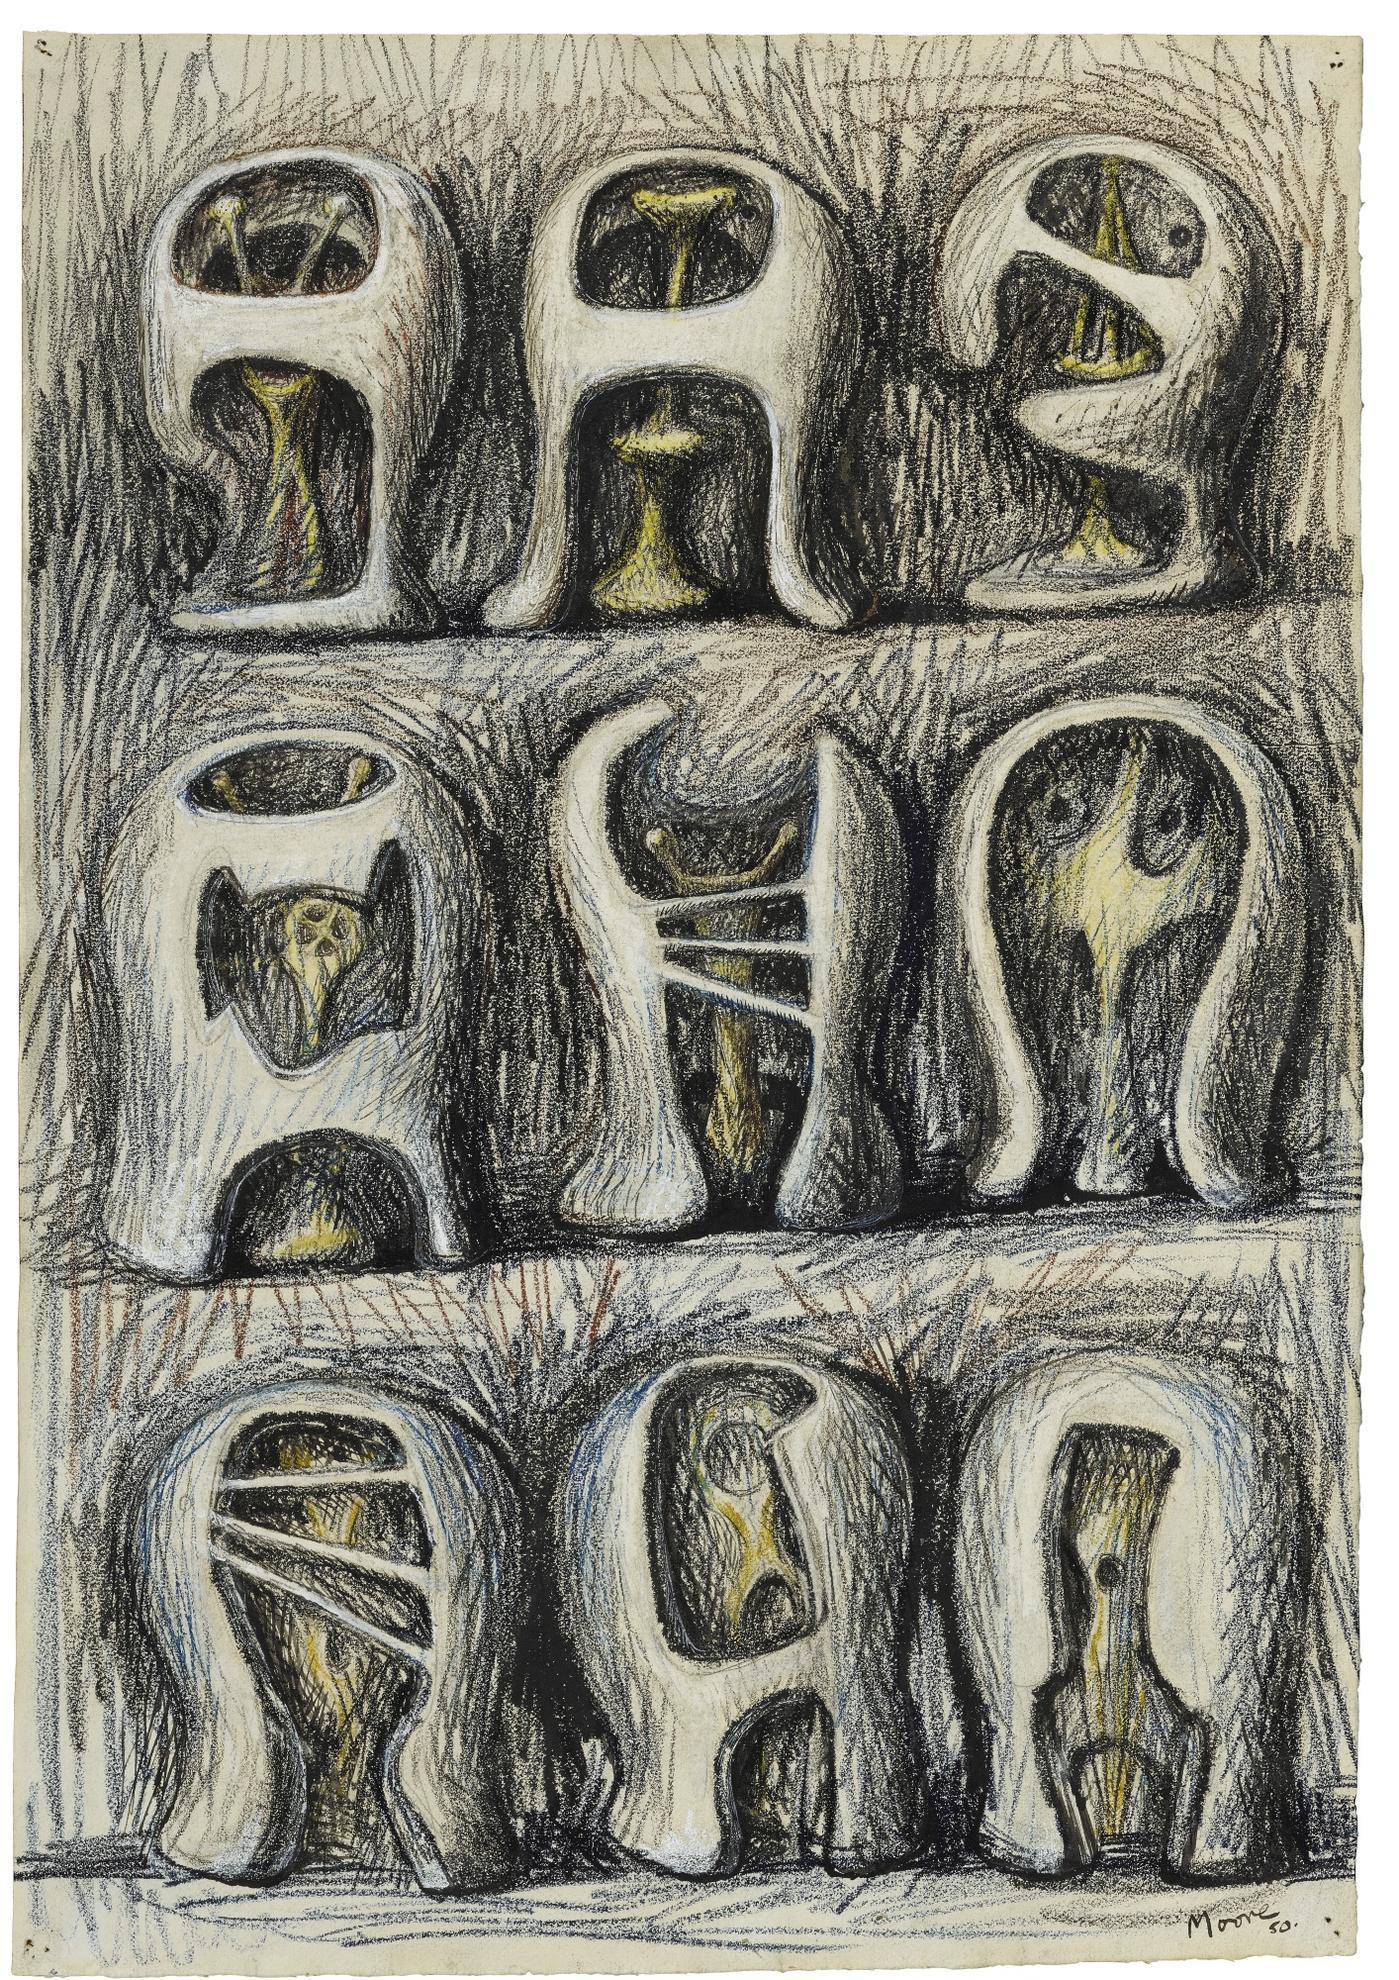 Henry Moore-Nine Helmet Heads-1950